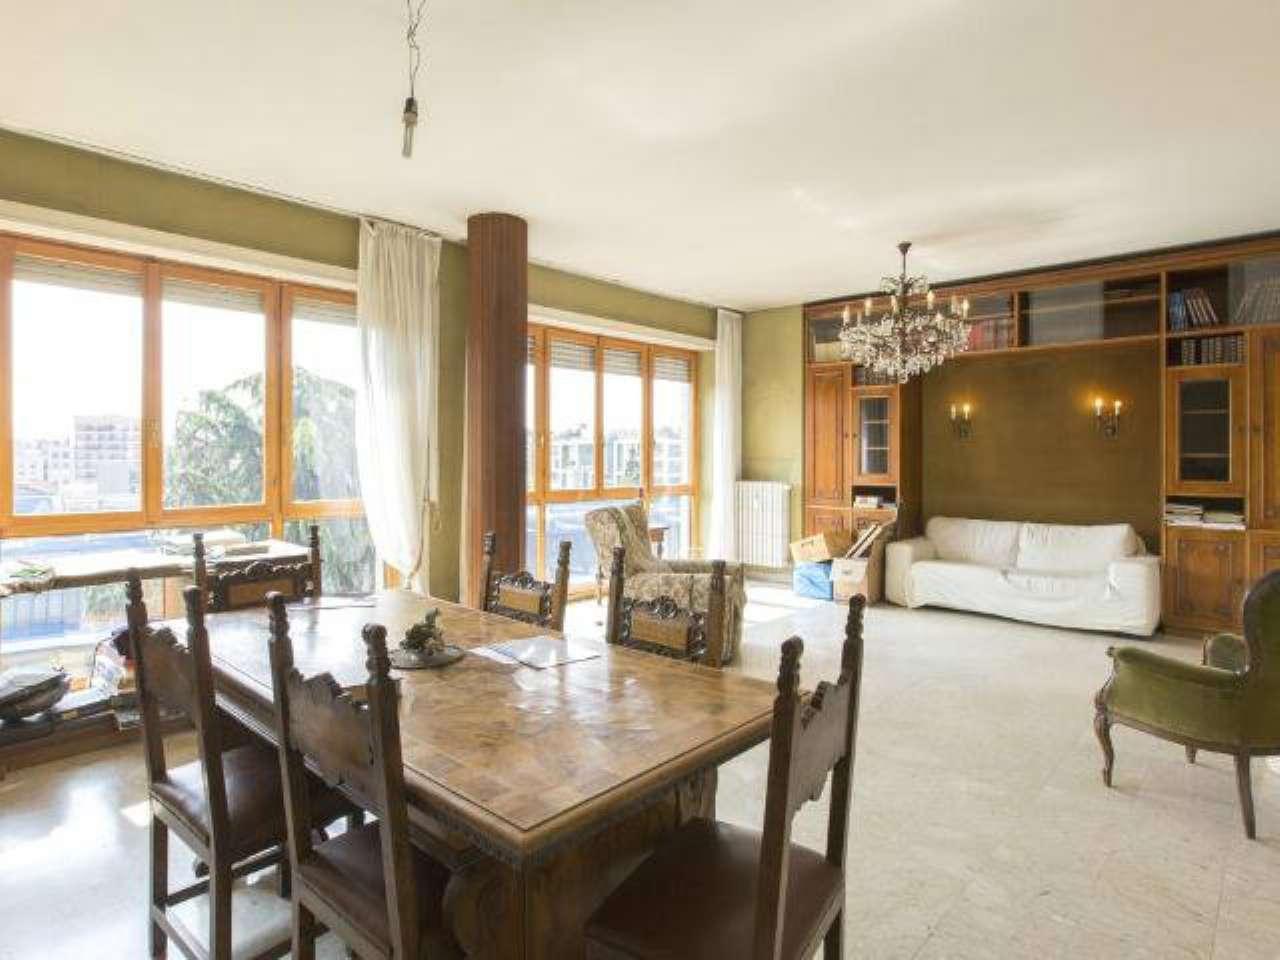 Appartamento in vendita a Milano, 5 locali, zona Zona: 10 . P.ta Genova, Romolo, Solari, Savona, Tortona, prezzo € 850.000 | Cambio Casa.it